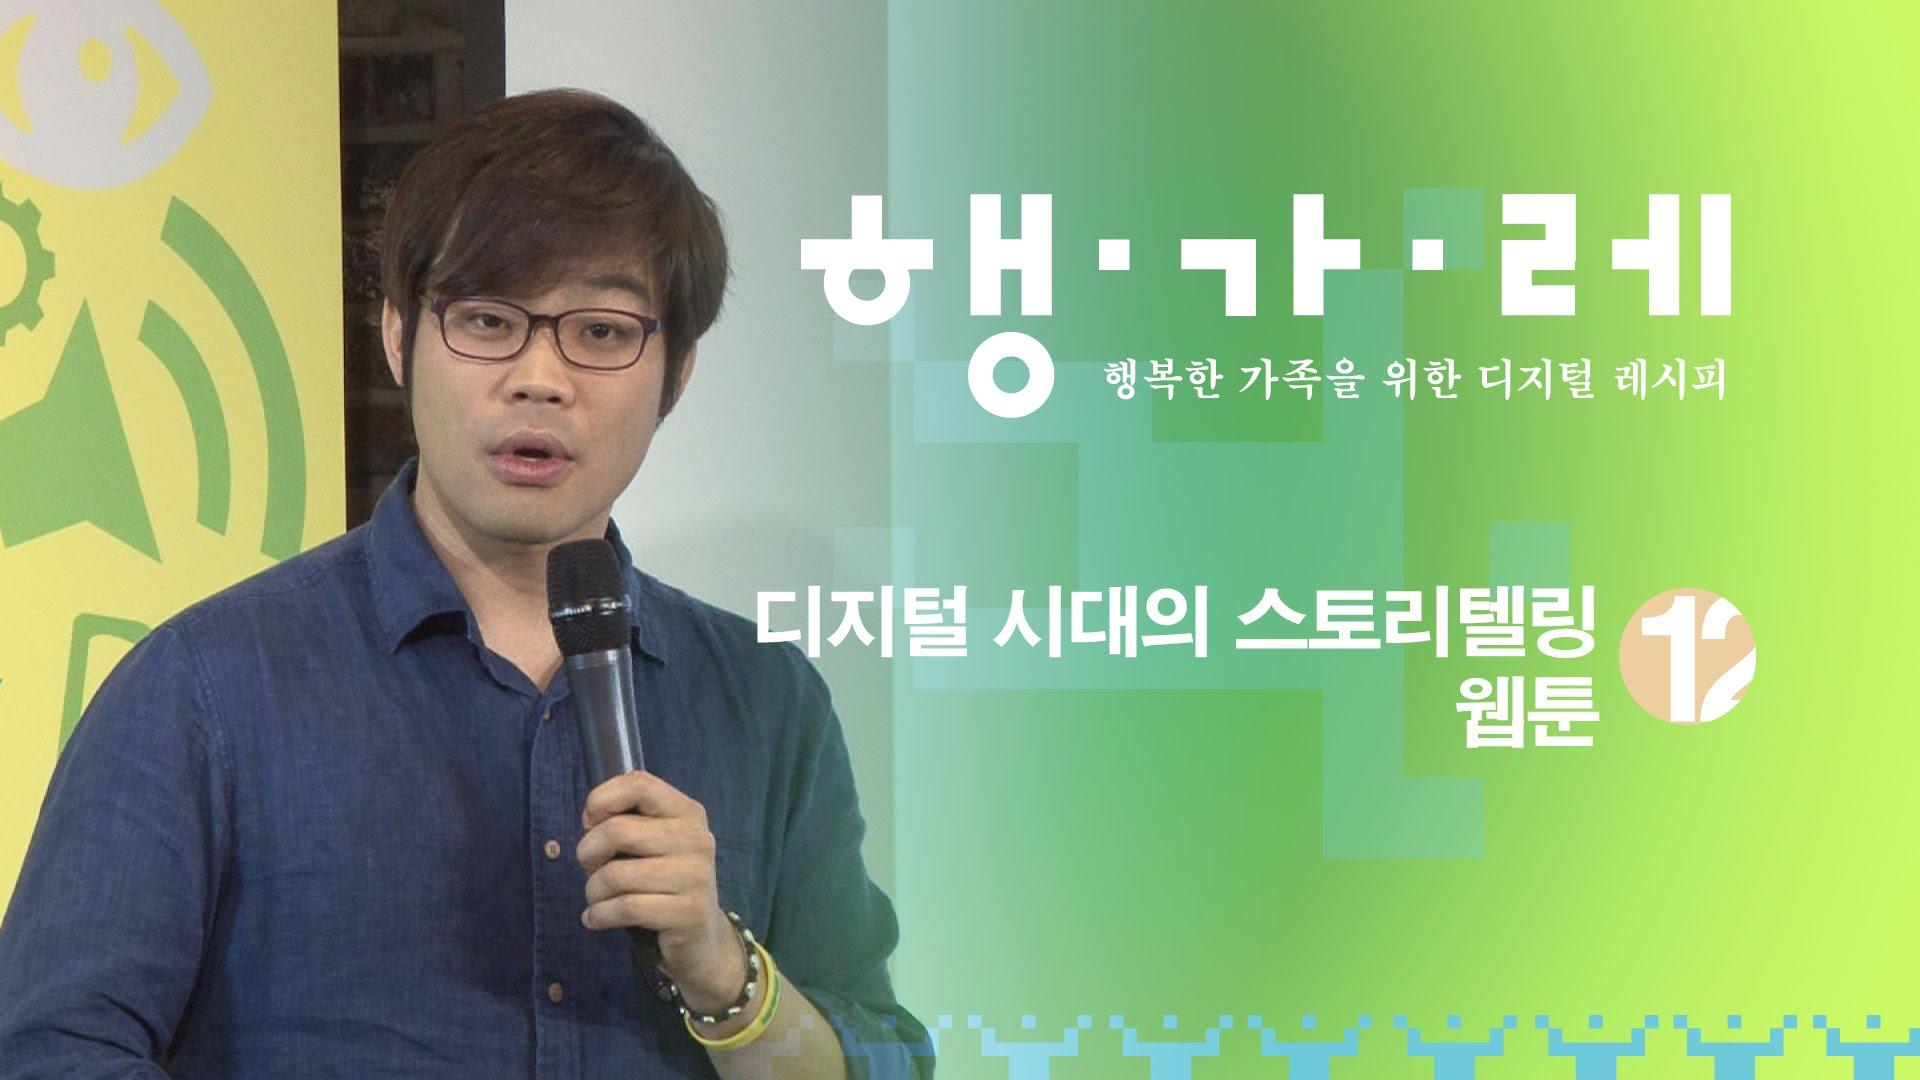 행.가.레: #12 디지털시대의 스토리텔링, 웹툰 – 이종범 교수